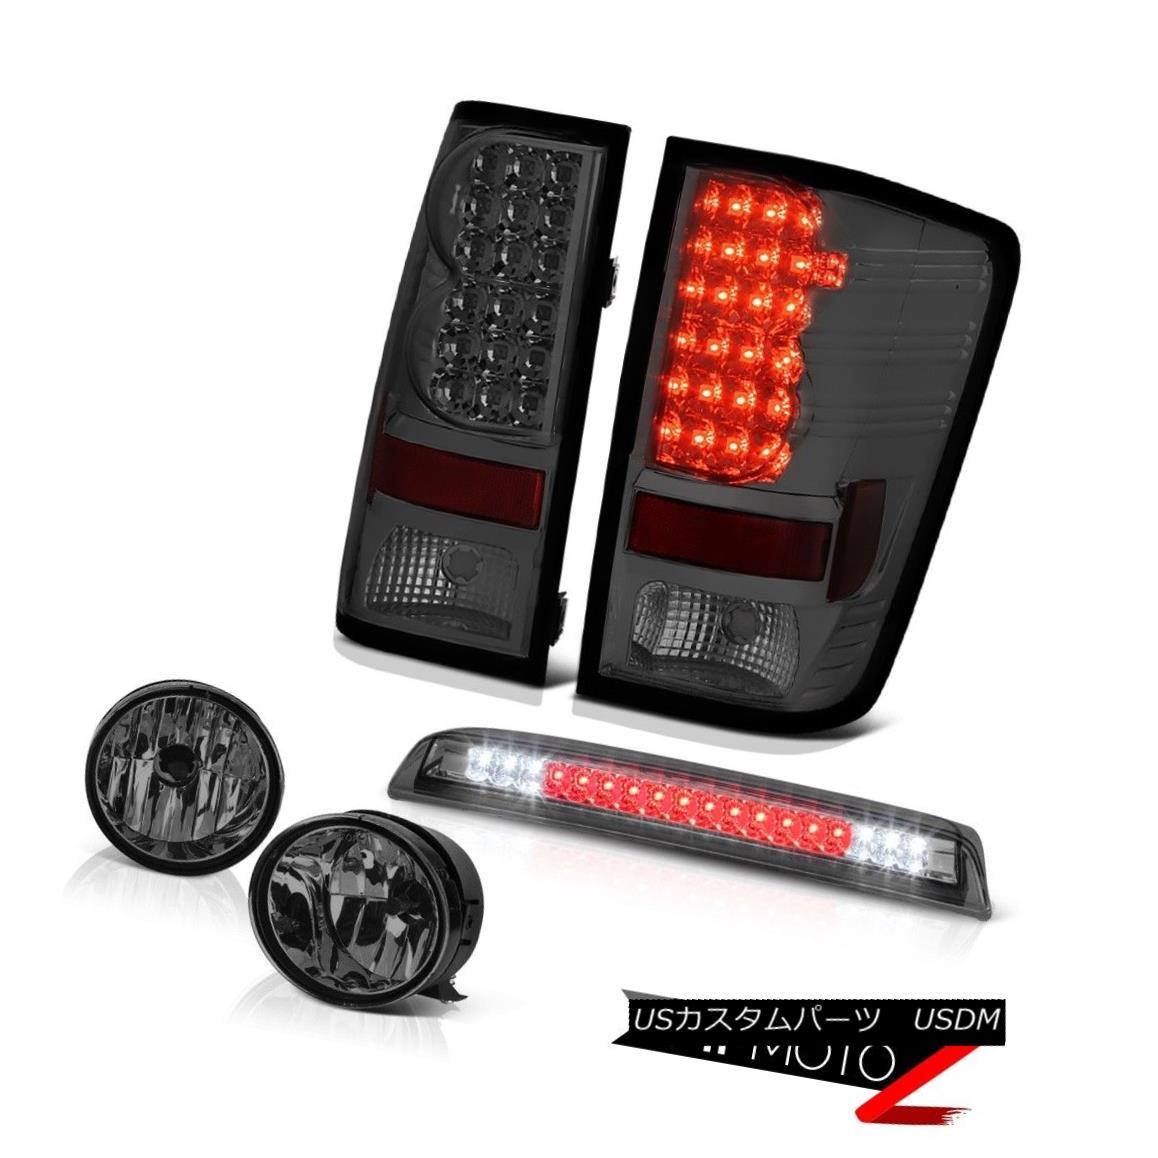 テールライト For 04-15 Titan SE Tint Rear Signal Tail Light Bumper Fog Smoke Third Brake LED 04-15タイタンSEティントリアシグナルテールライトバンパーフォグスモーク第3ブレーキLED